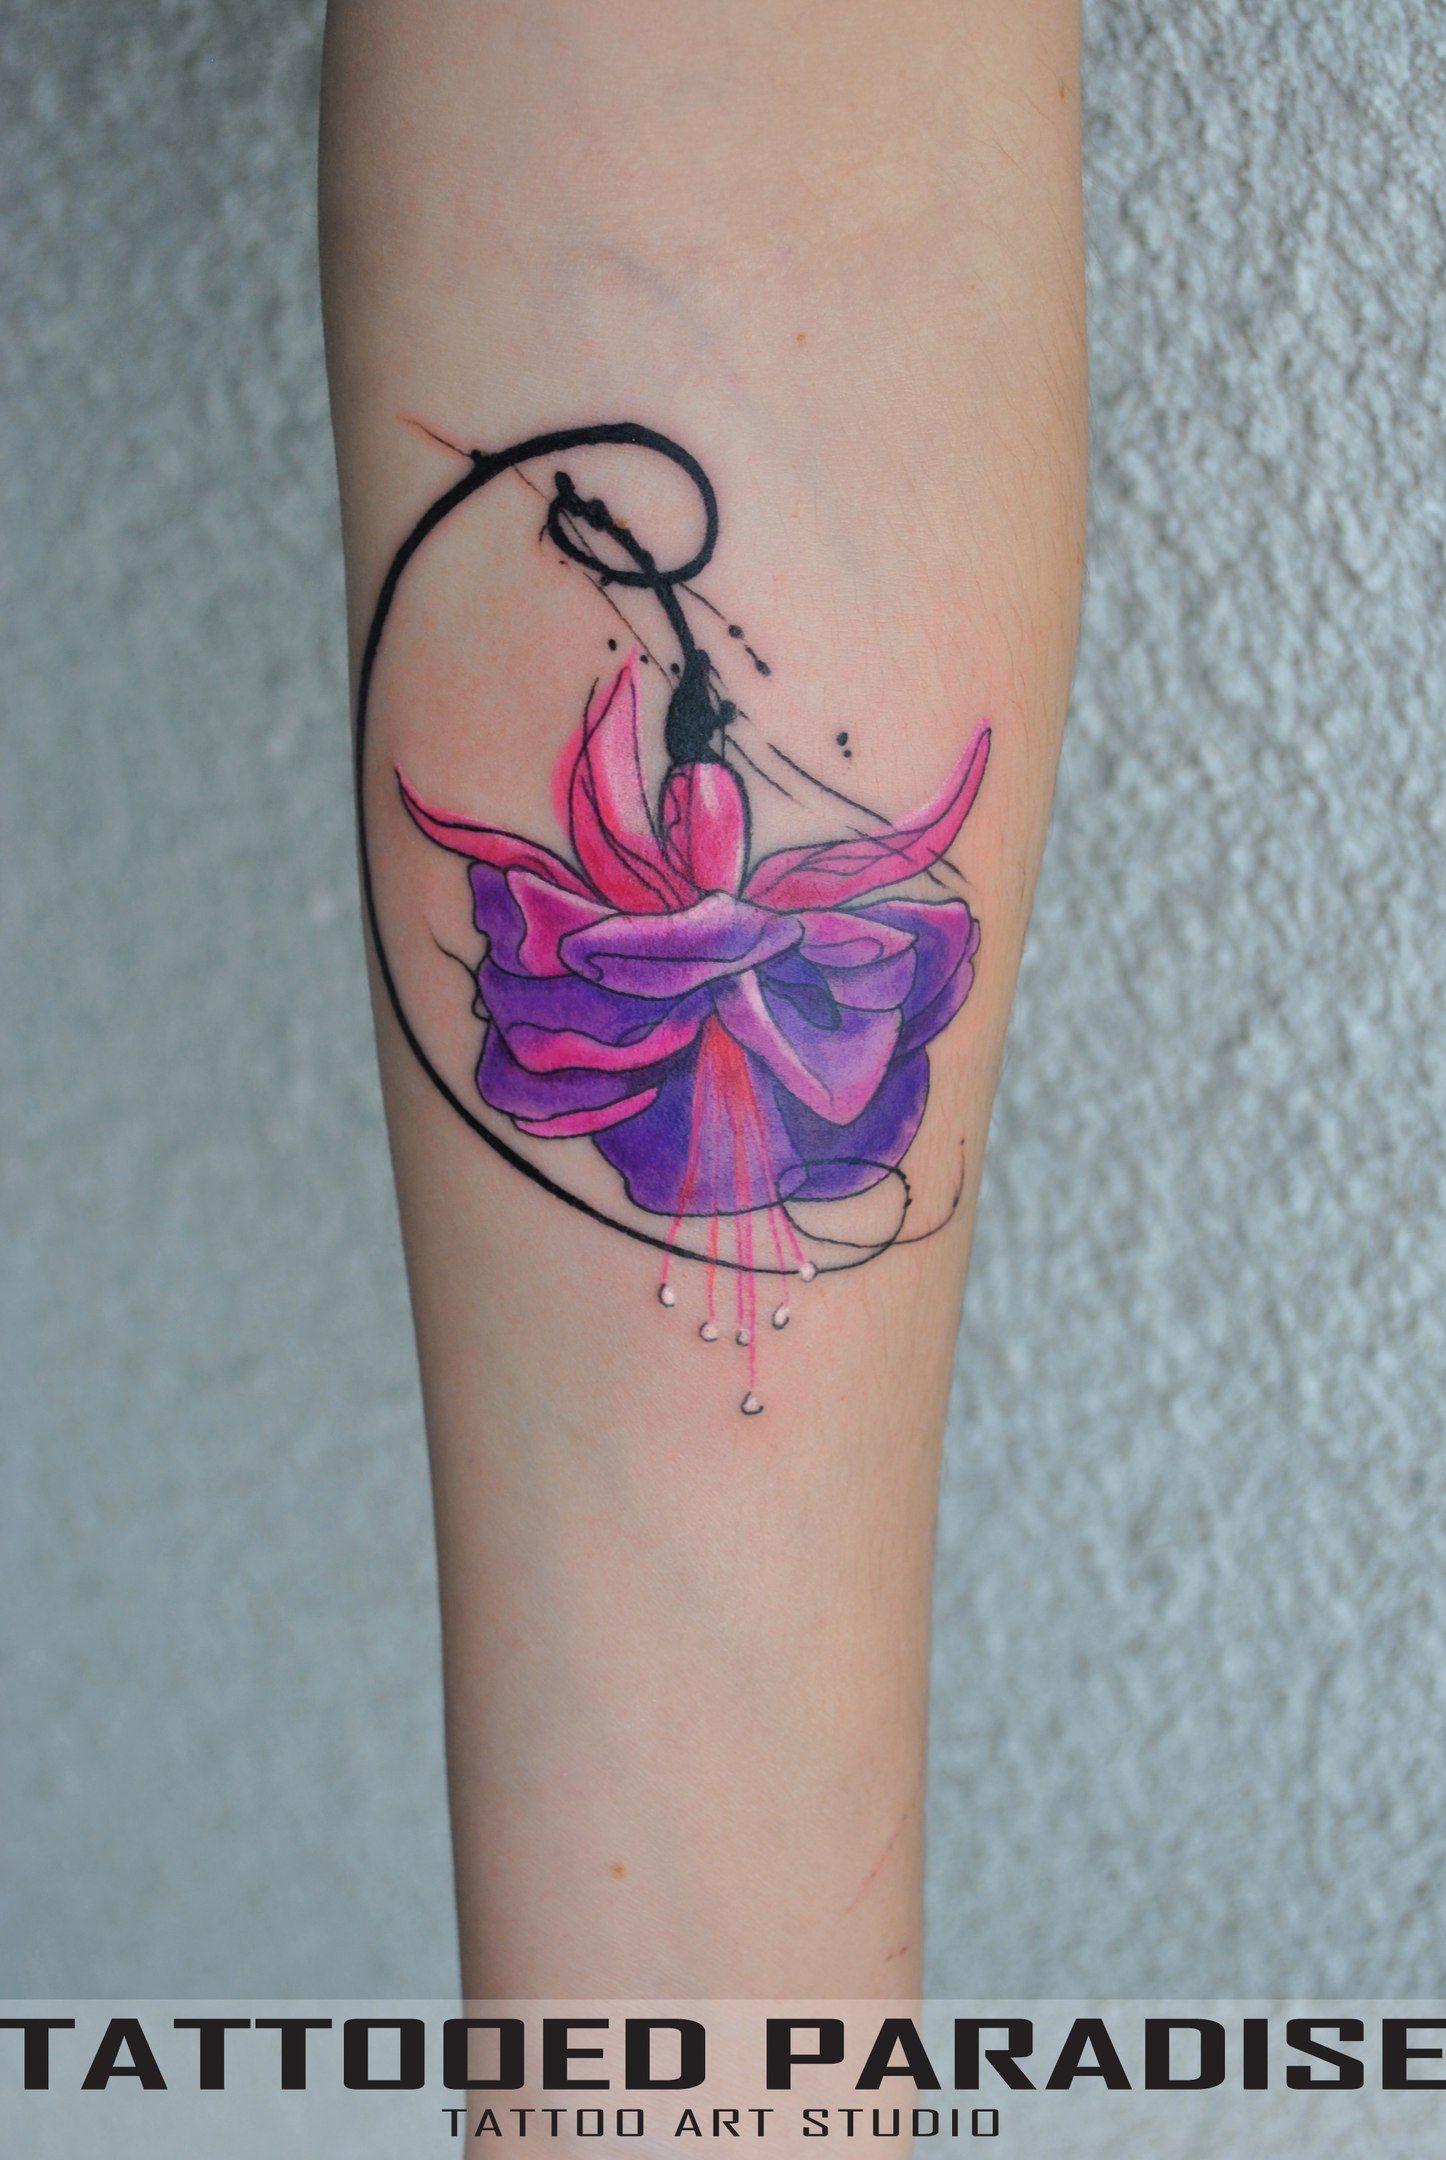 Fuchsia Flower Tattoo Tattooed Tattooedparadise Tattooedukraine Victoriadenske Ink Inked Watercolor Watercolortat Tattoos Lace Tattoo Tattoo Designs